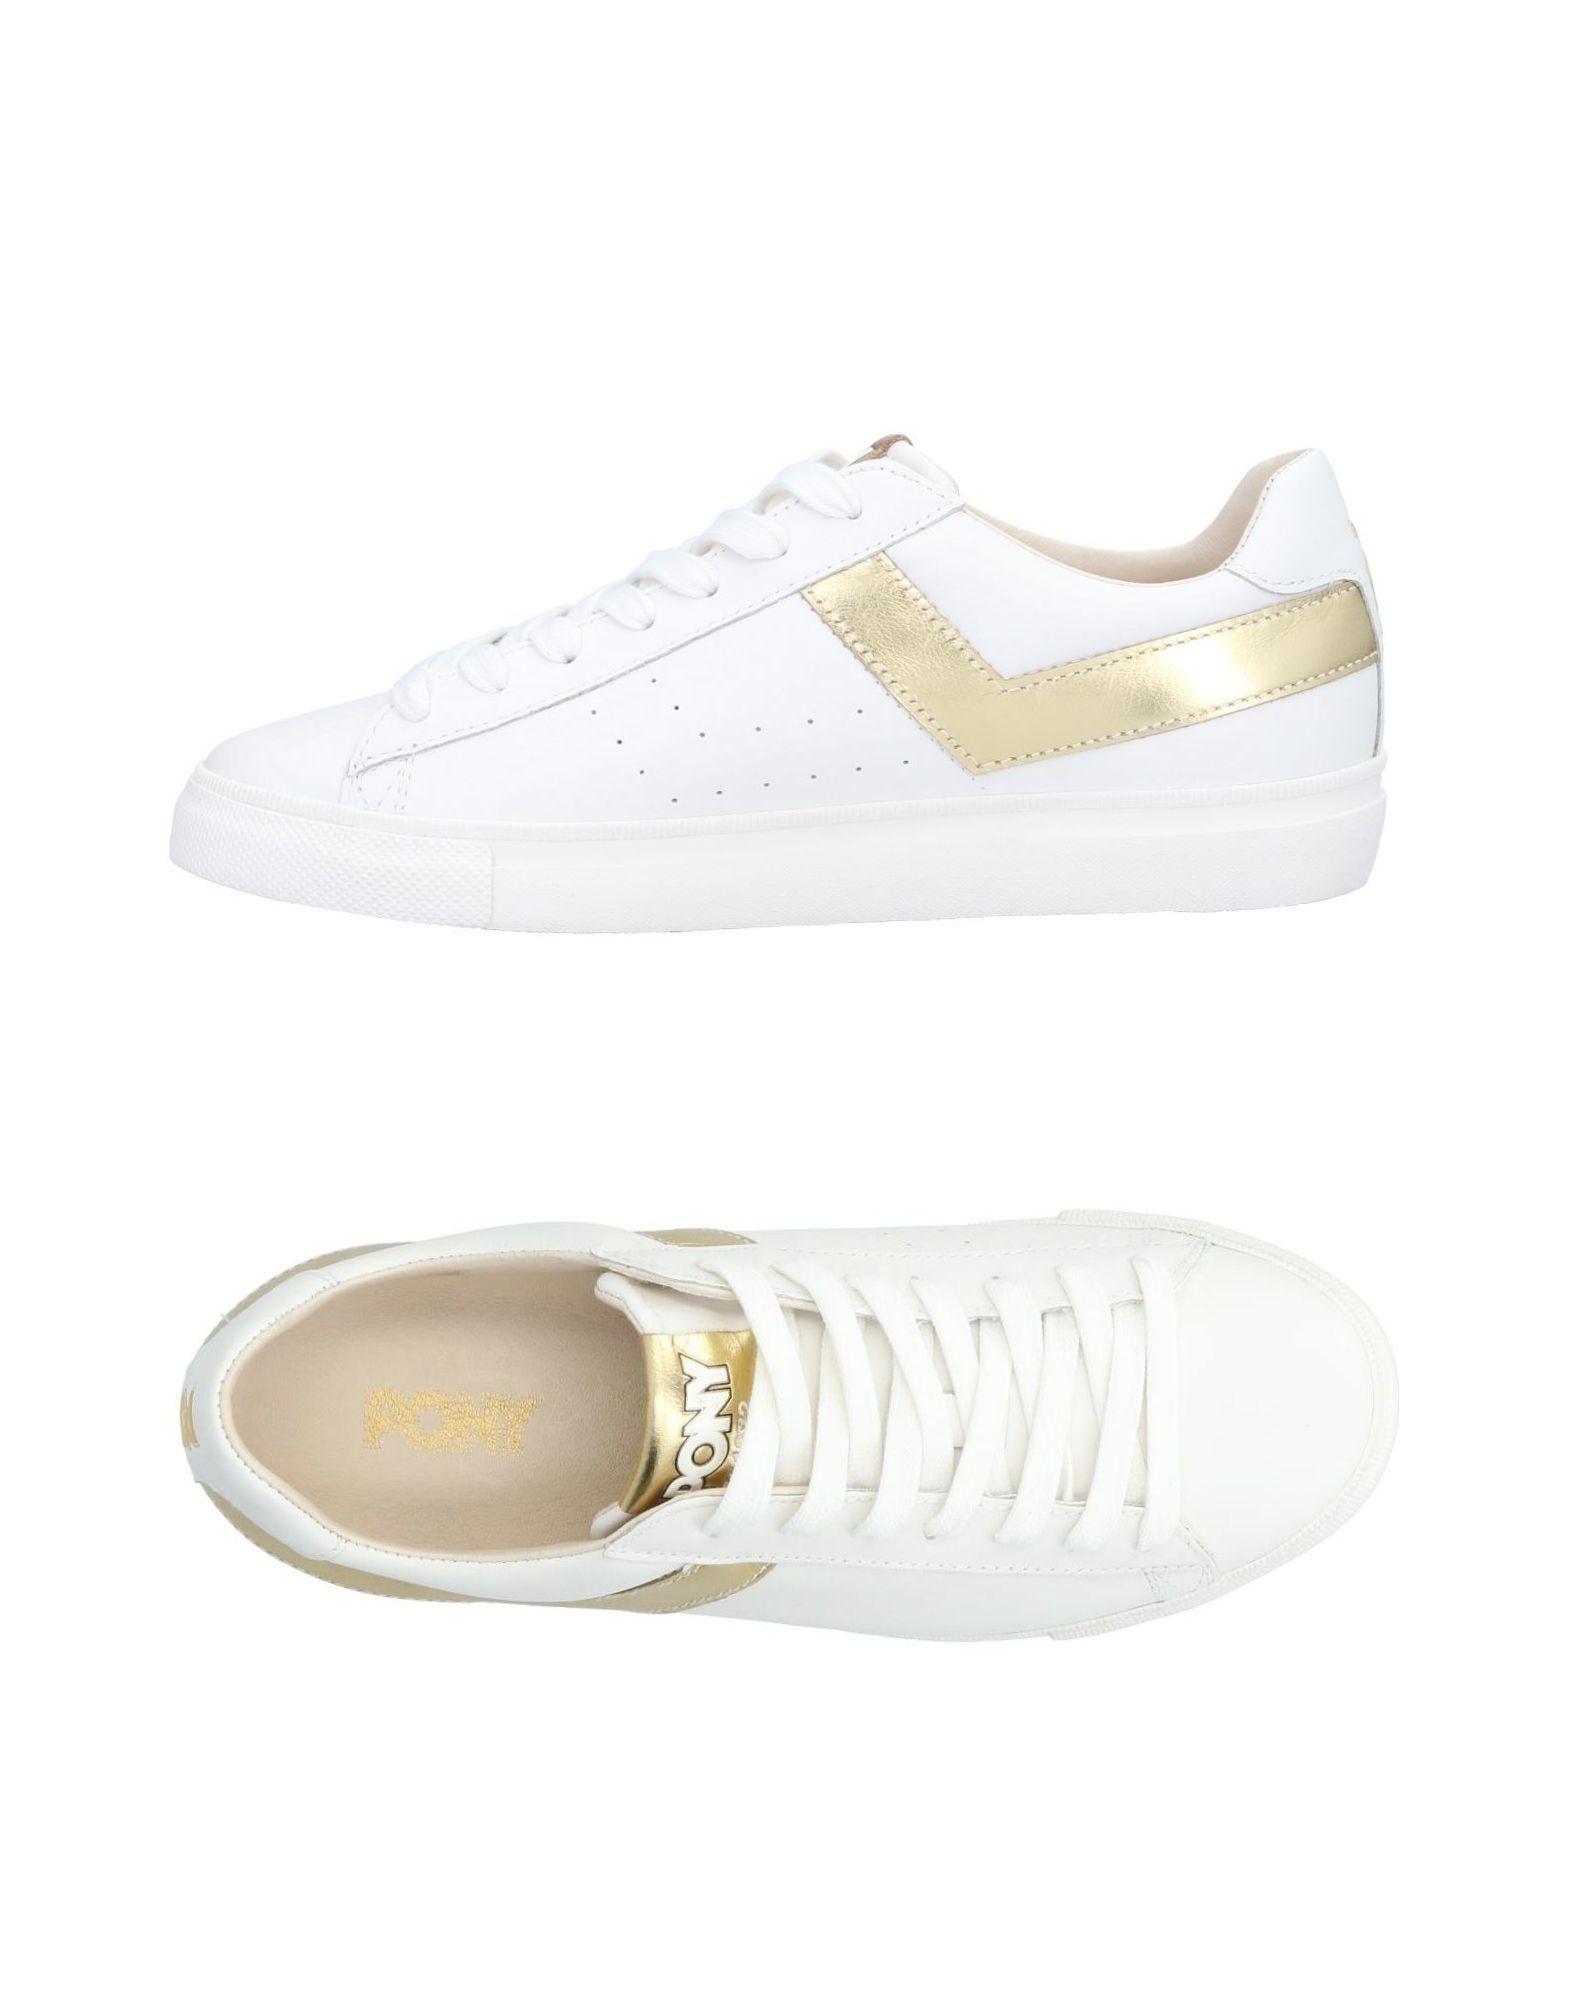 Sneakers Pony Donna - 11496402TS Scarpe economiche e buone